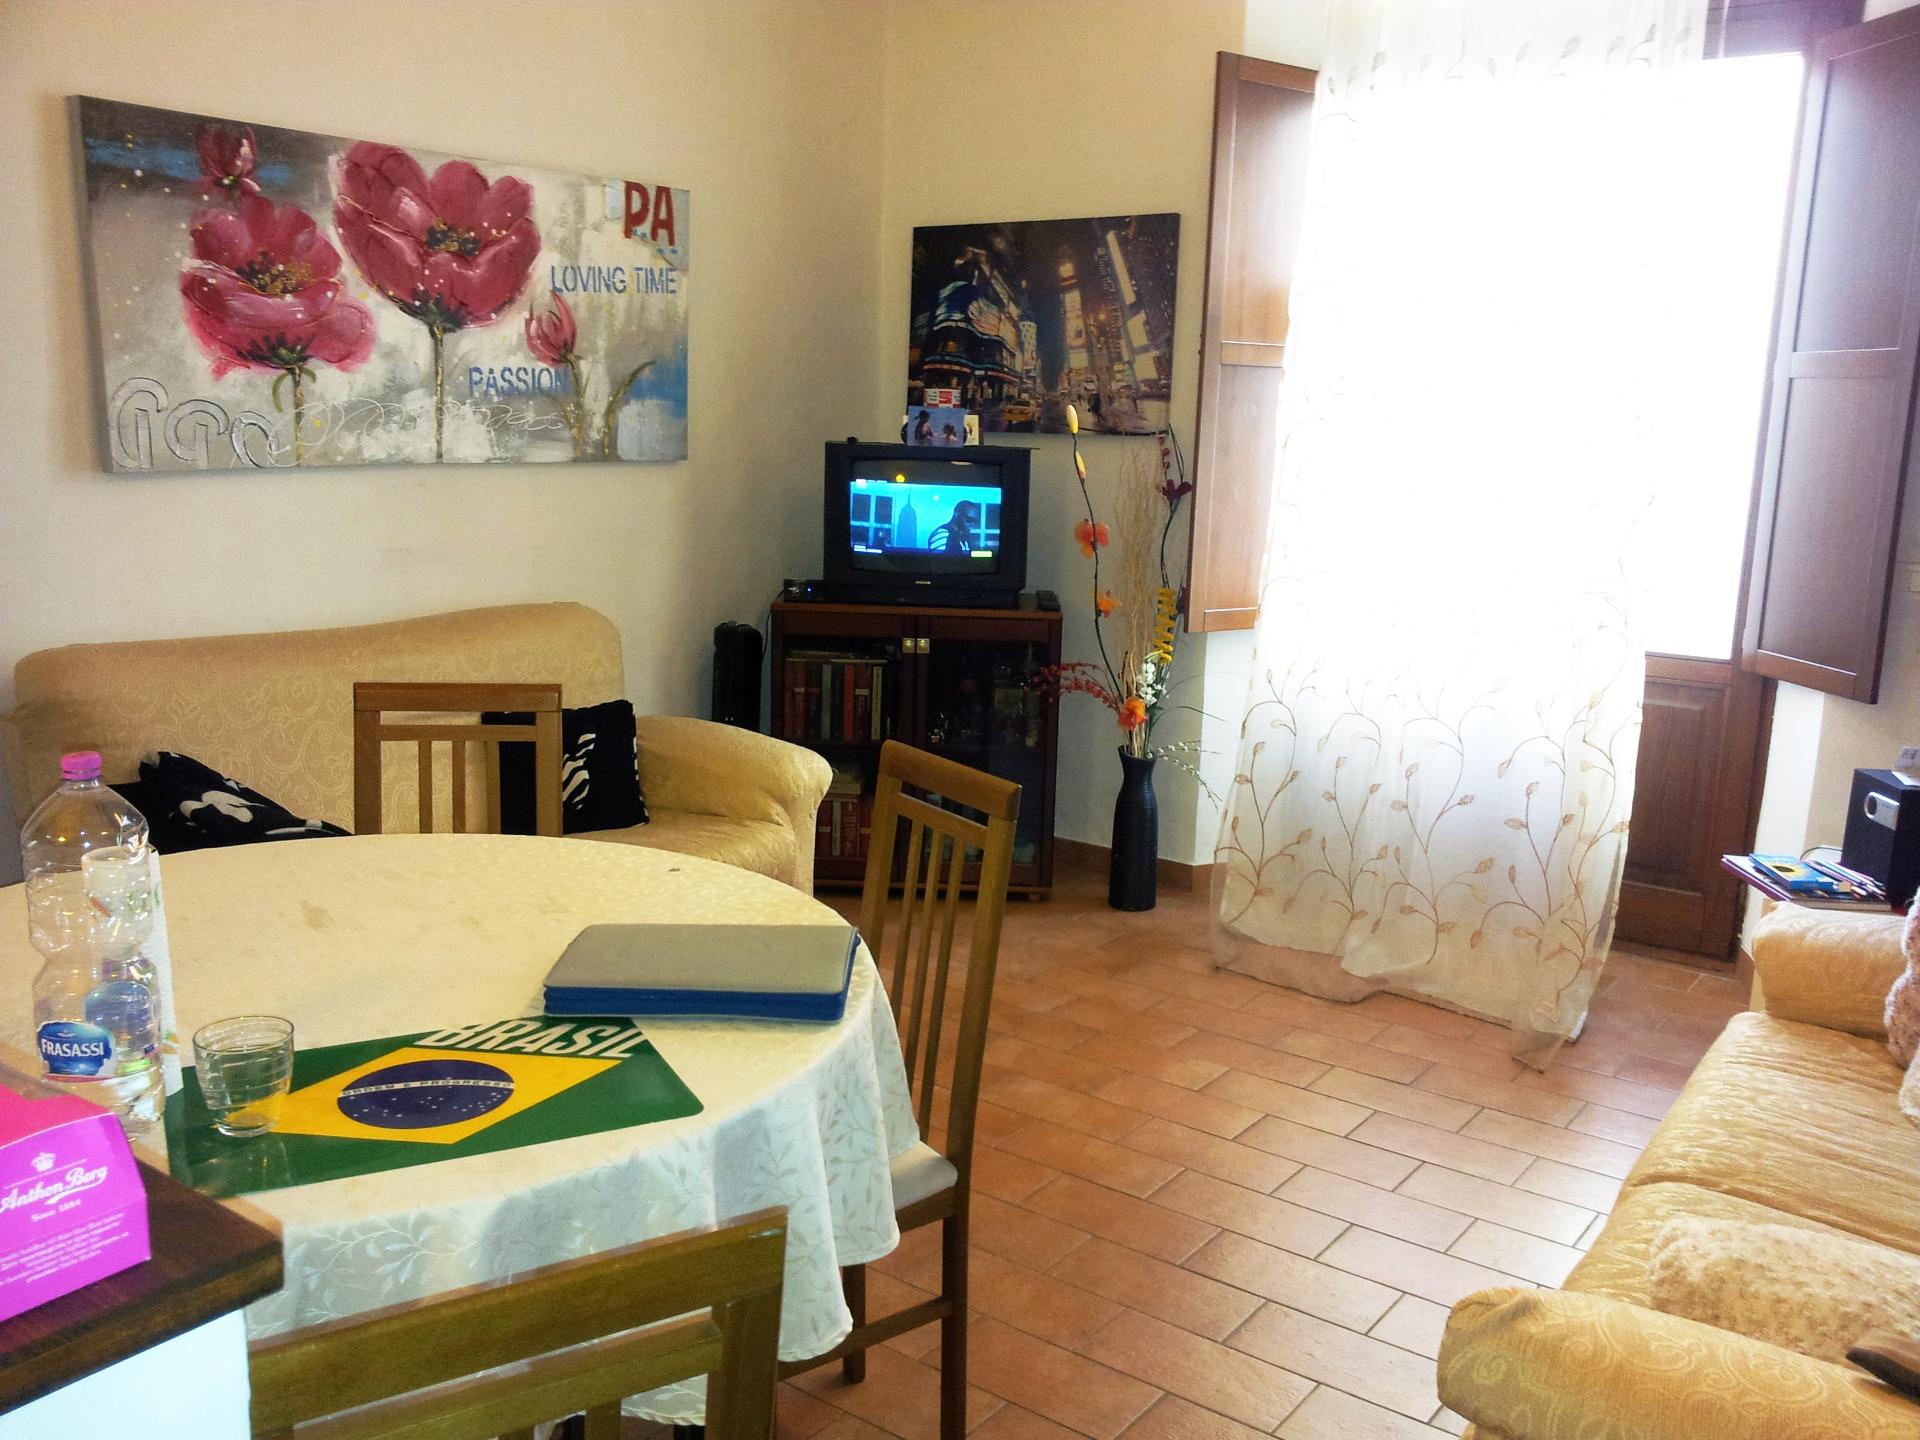 Appartamento in affitto a Ancona, 3 locali, zona Località: Centrostorico, prezzo € 450 | Cambio Casa.it